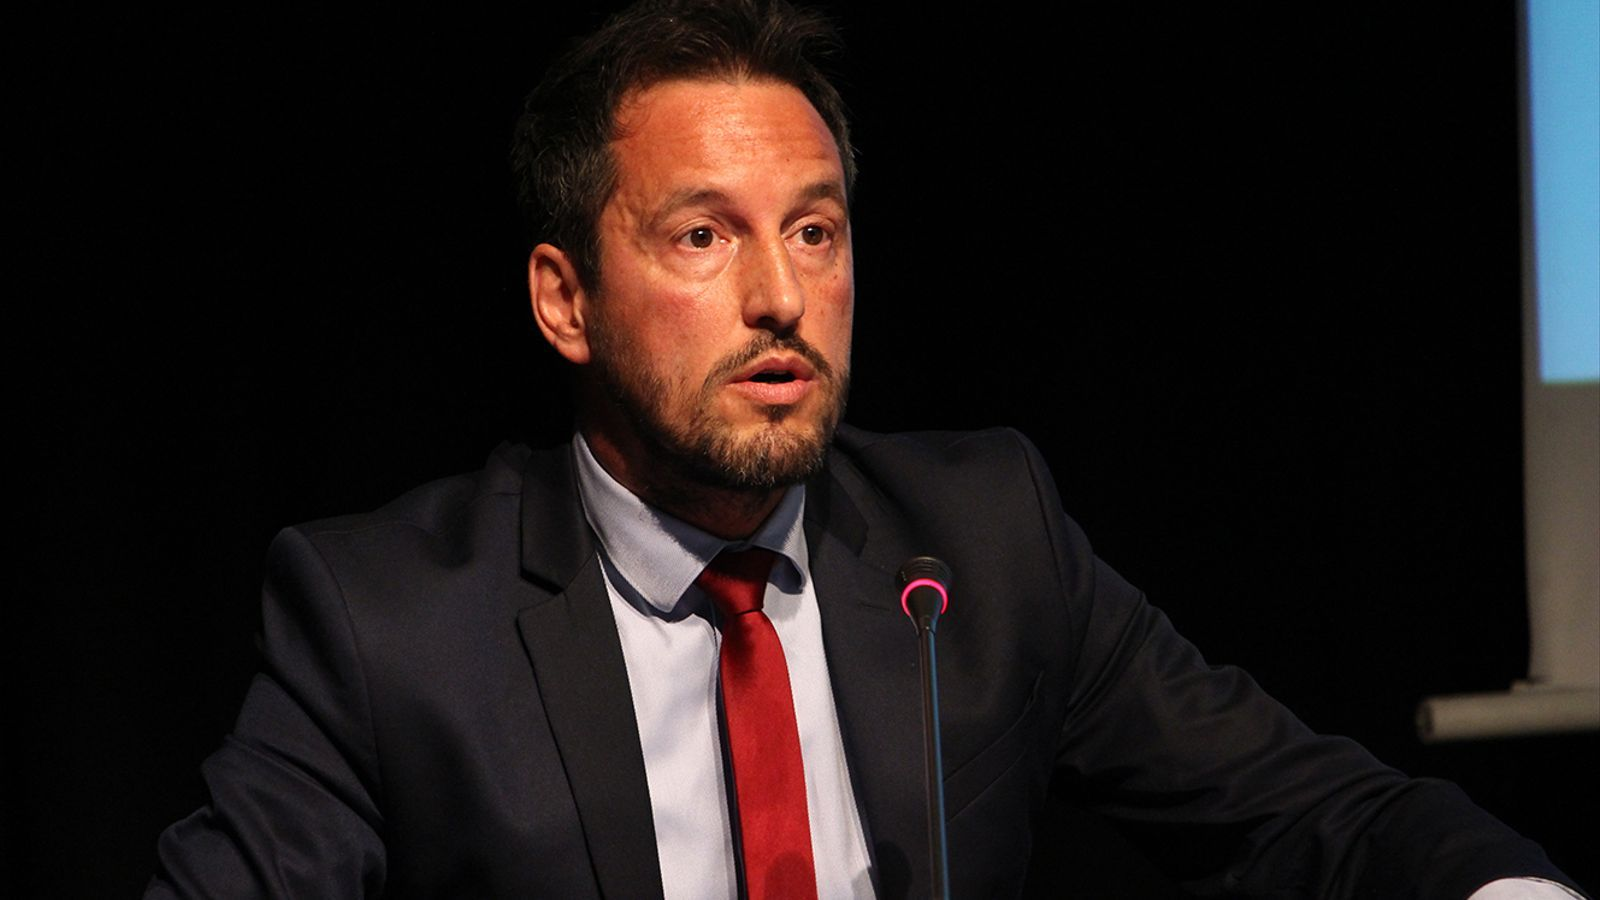 El president del PS, Pere López, durant la taula rodona 'Doble nacionalitat i vot dels residents' d'aquest dilluns a la tarda. / M. M.